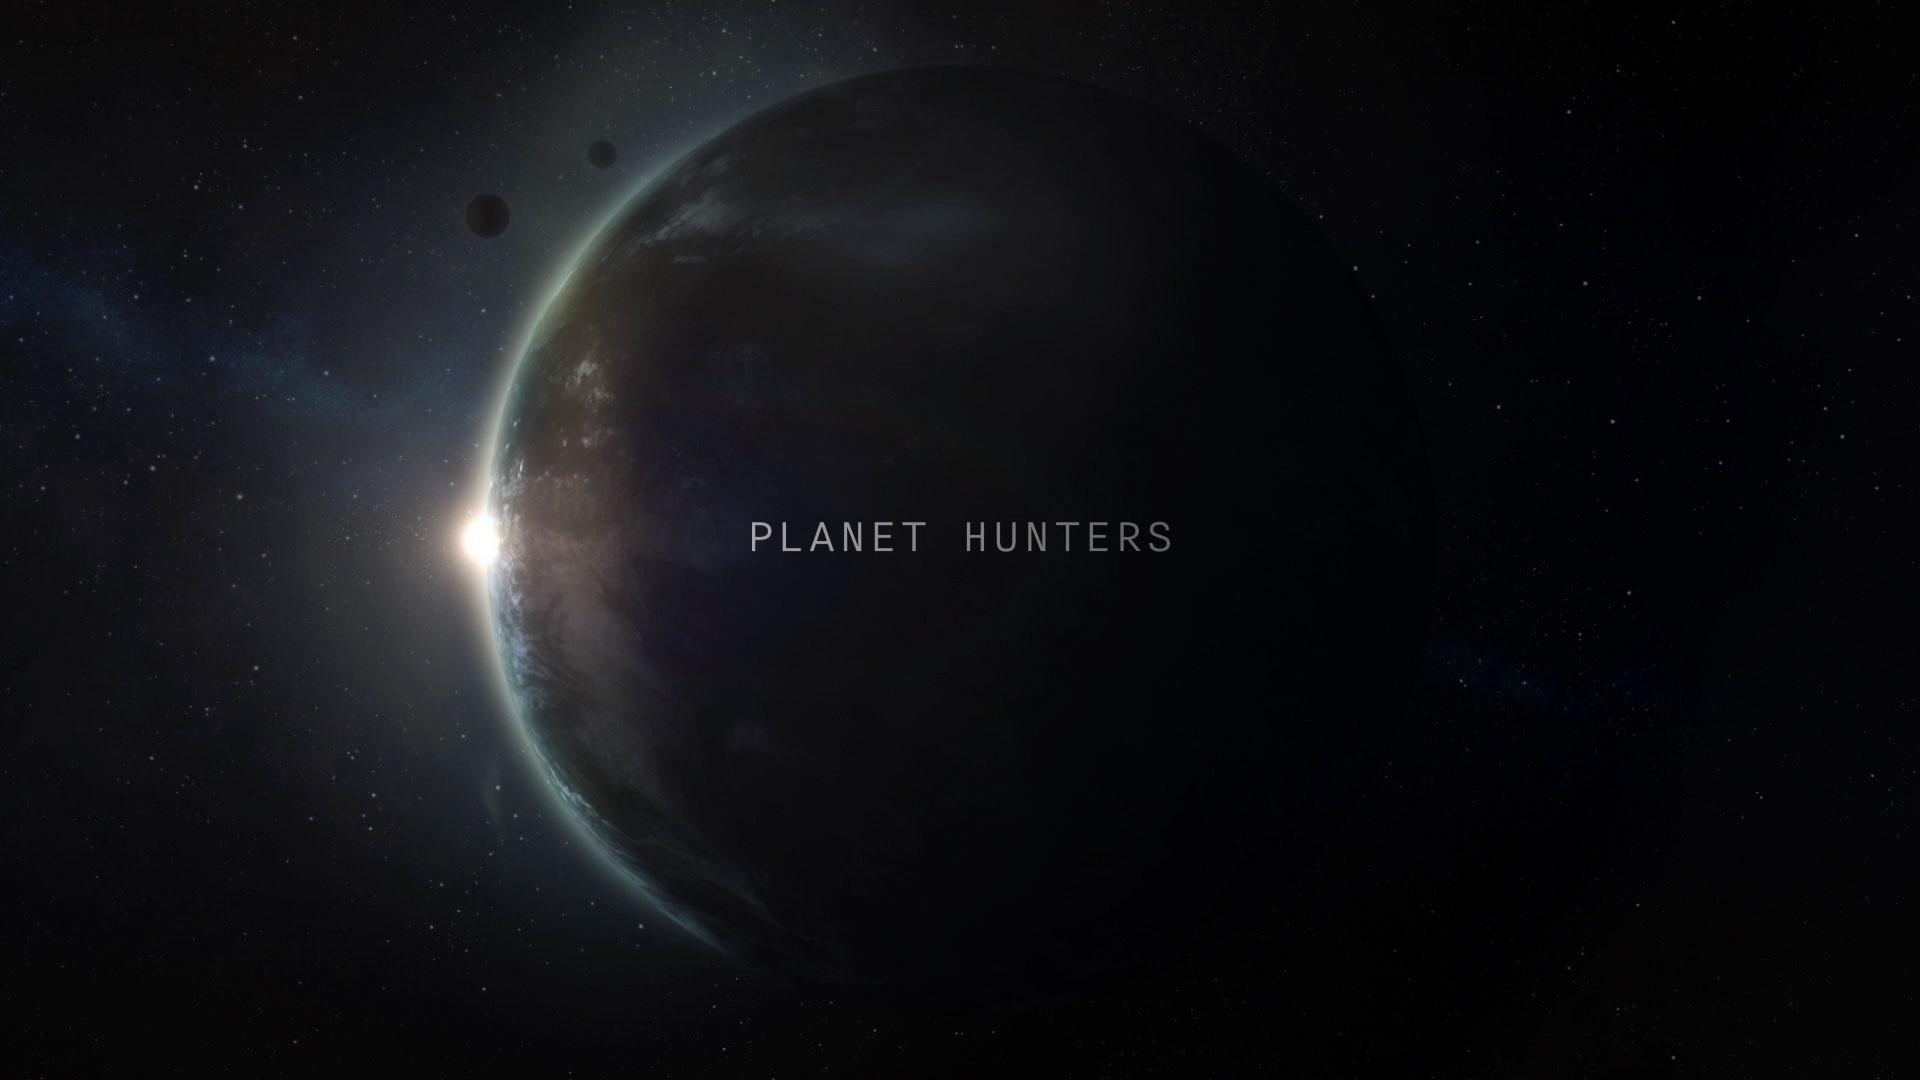 PlanetHunters_12_J60.jpg